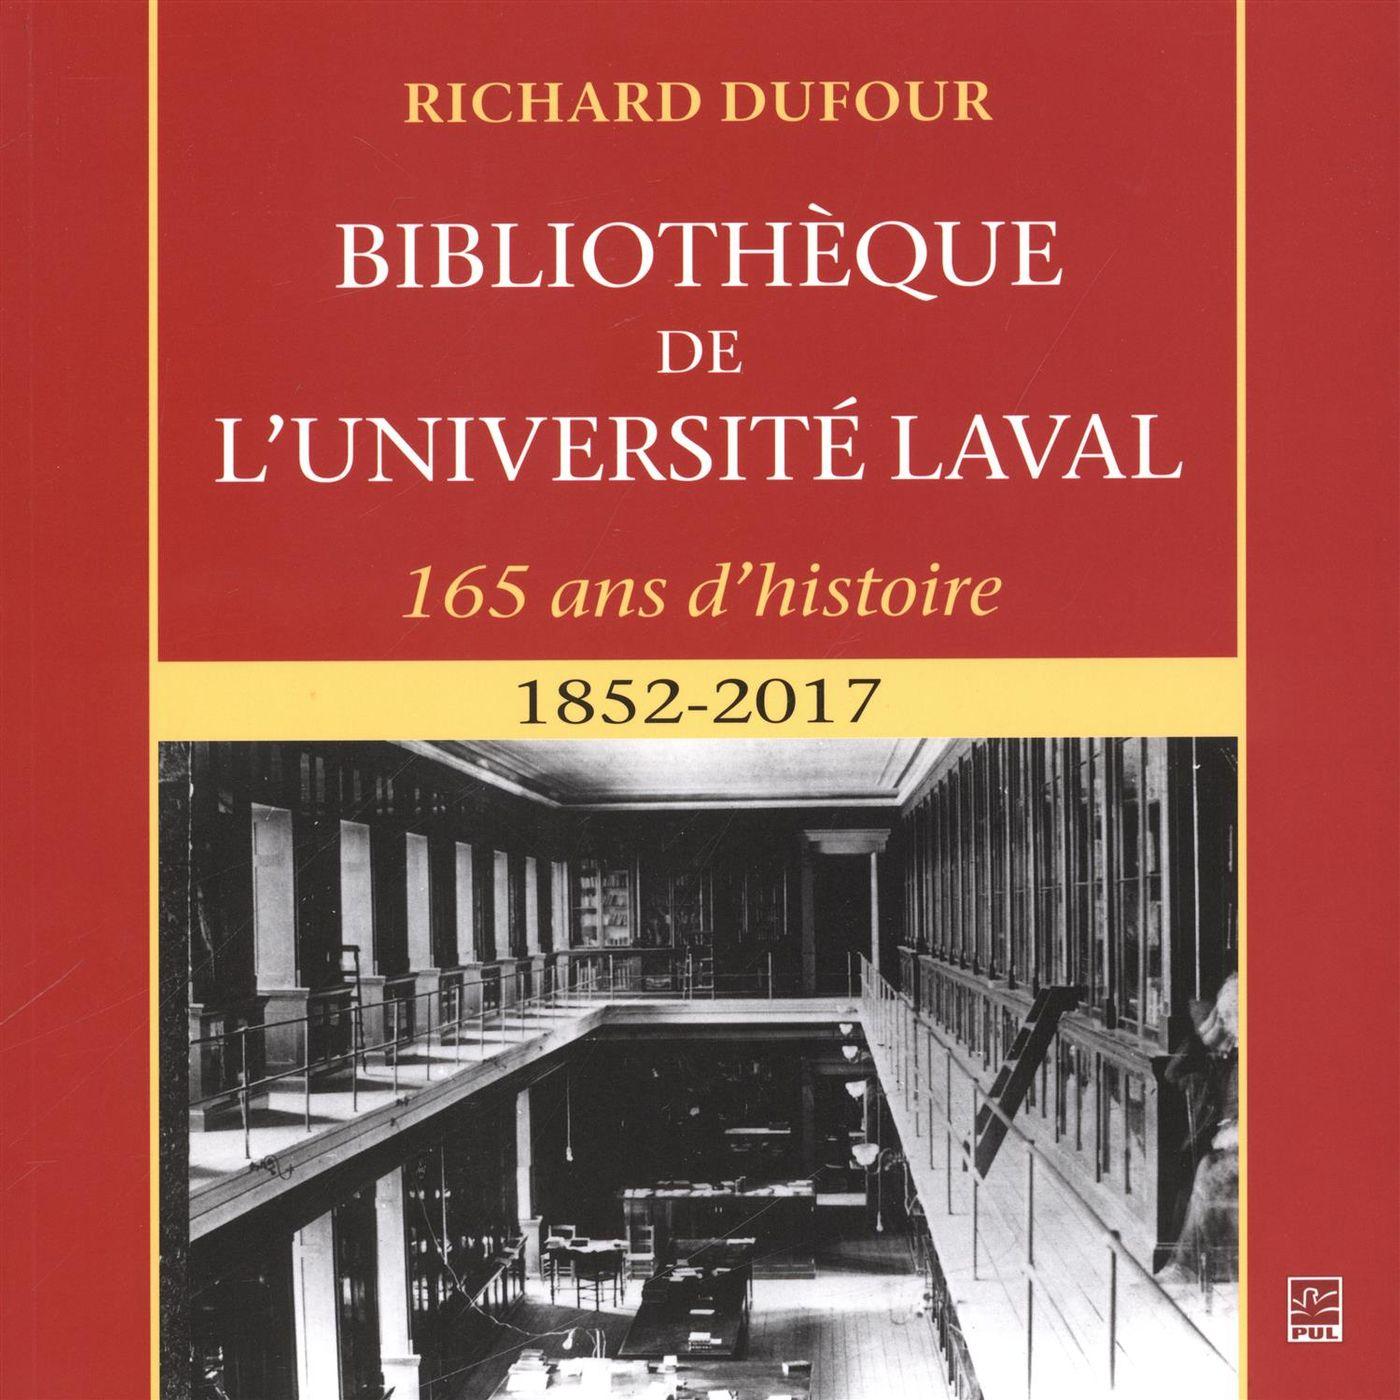 Bibliothèque de l'Université Laval - 165 ans d'histoire : 1852-2017